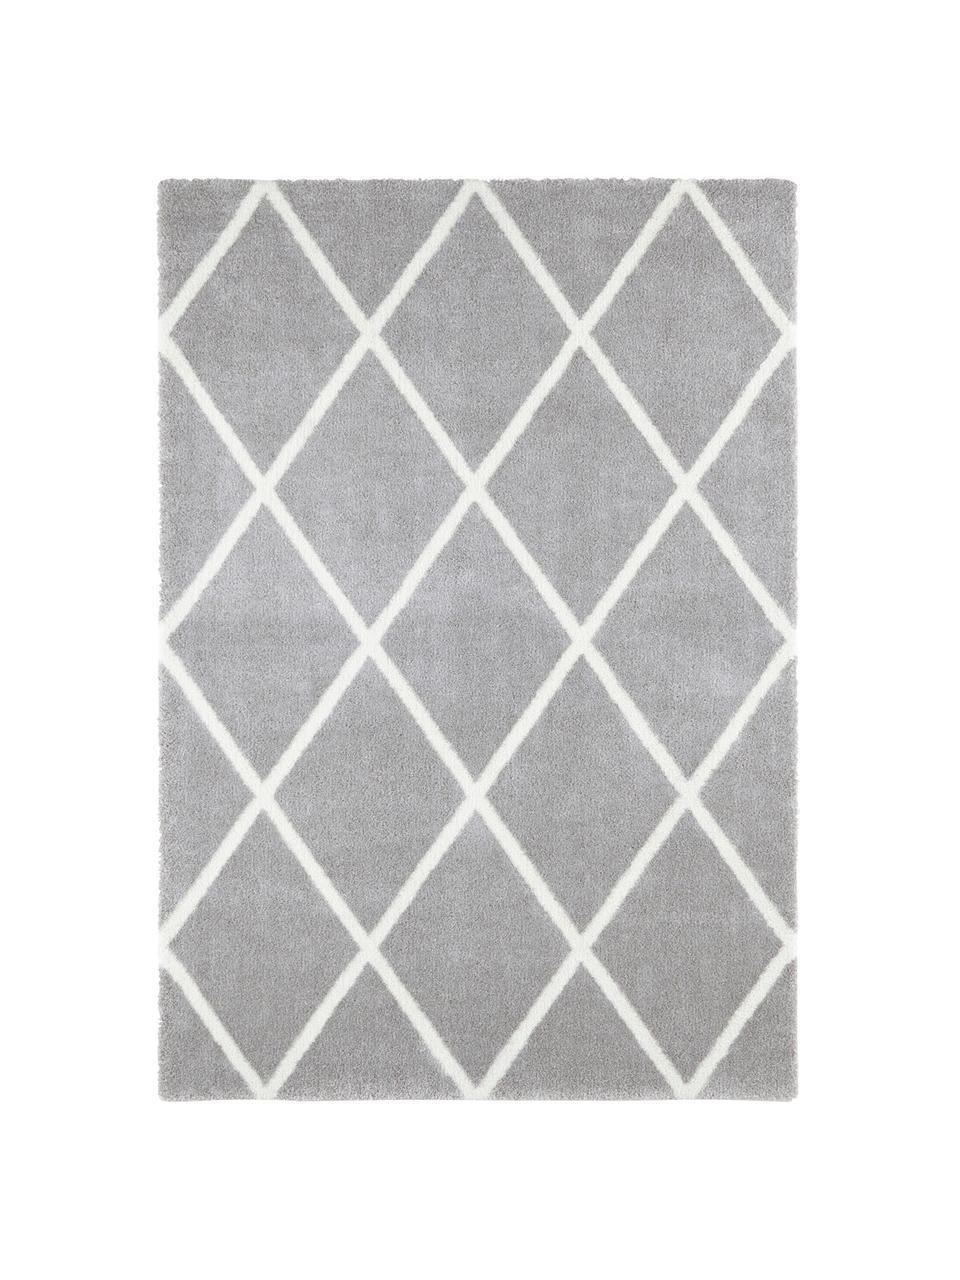 Koberec sdiamantovým vzorem Lunel, Odstíny stříbrné, krémová